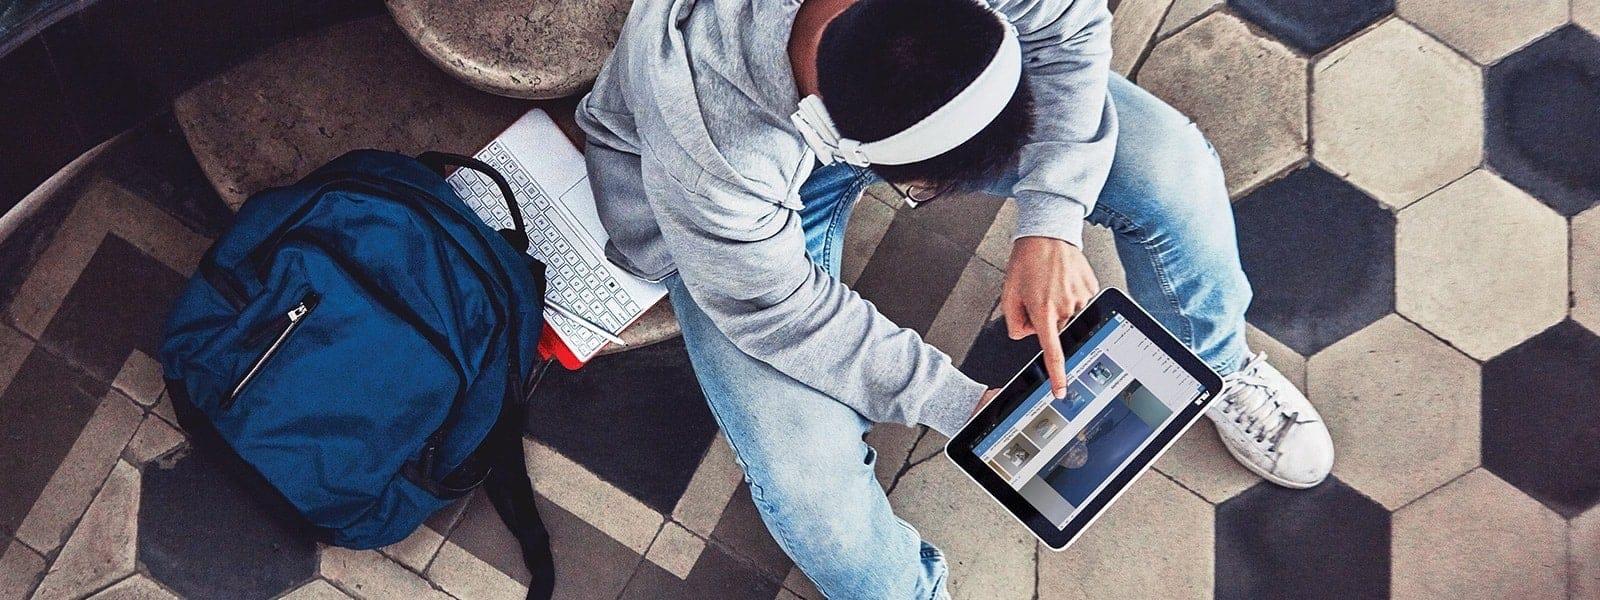 นักเรียนกำลังดูอุปกรณ์ Windows 10